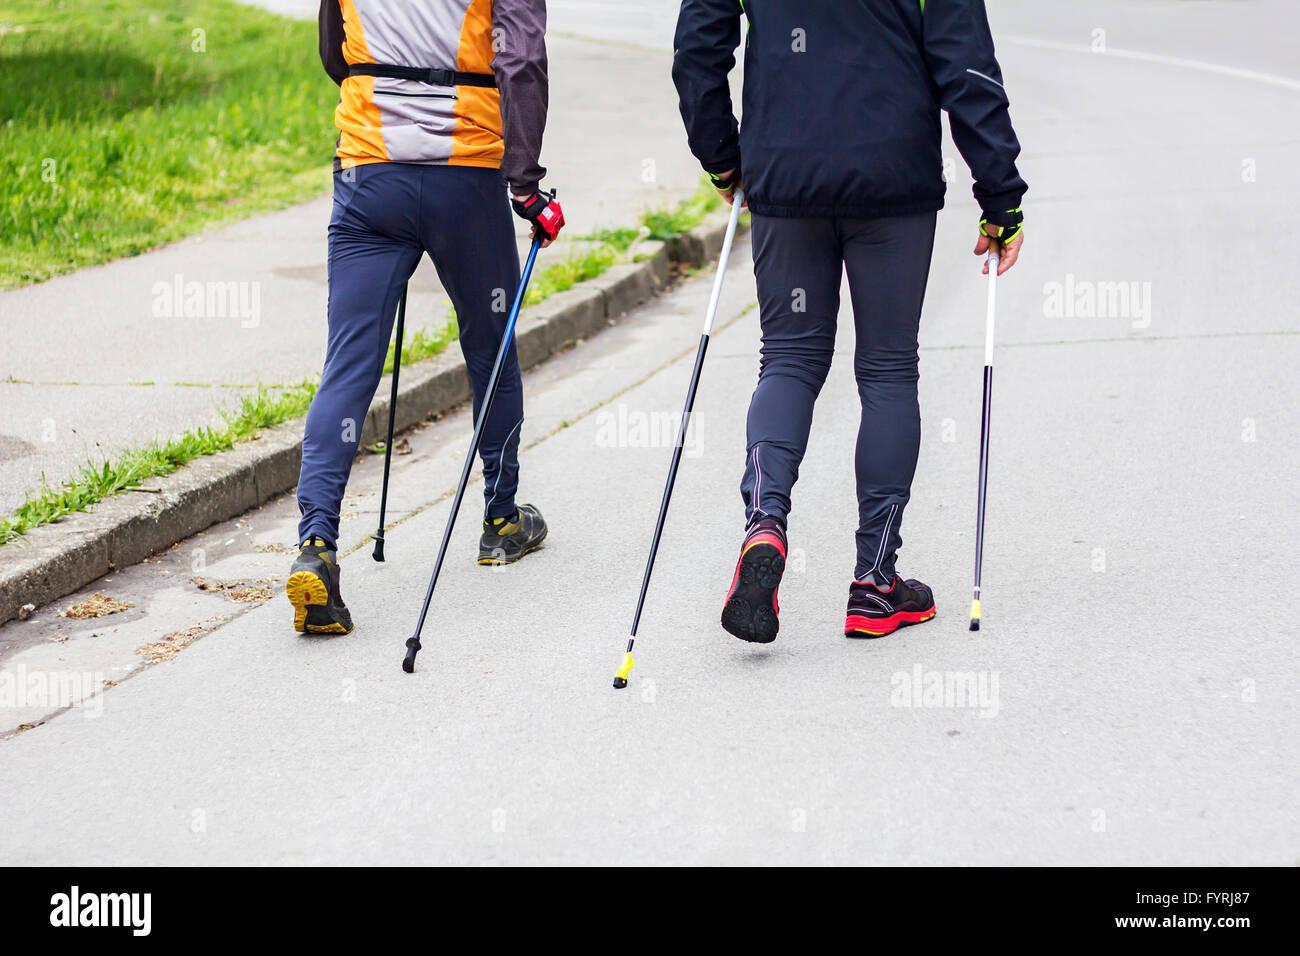 Zwei Männer nordic walking Rennen auf Stadtstraße Stockbild